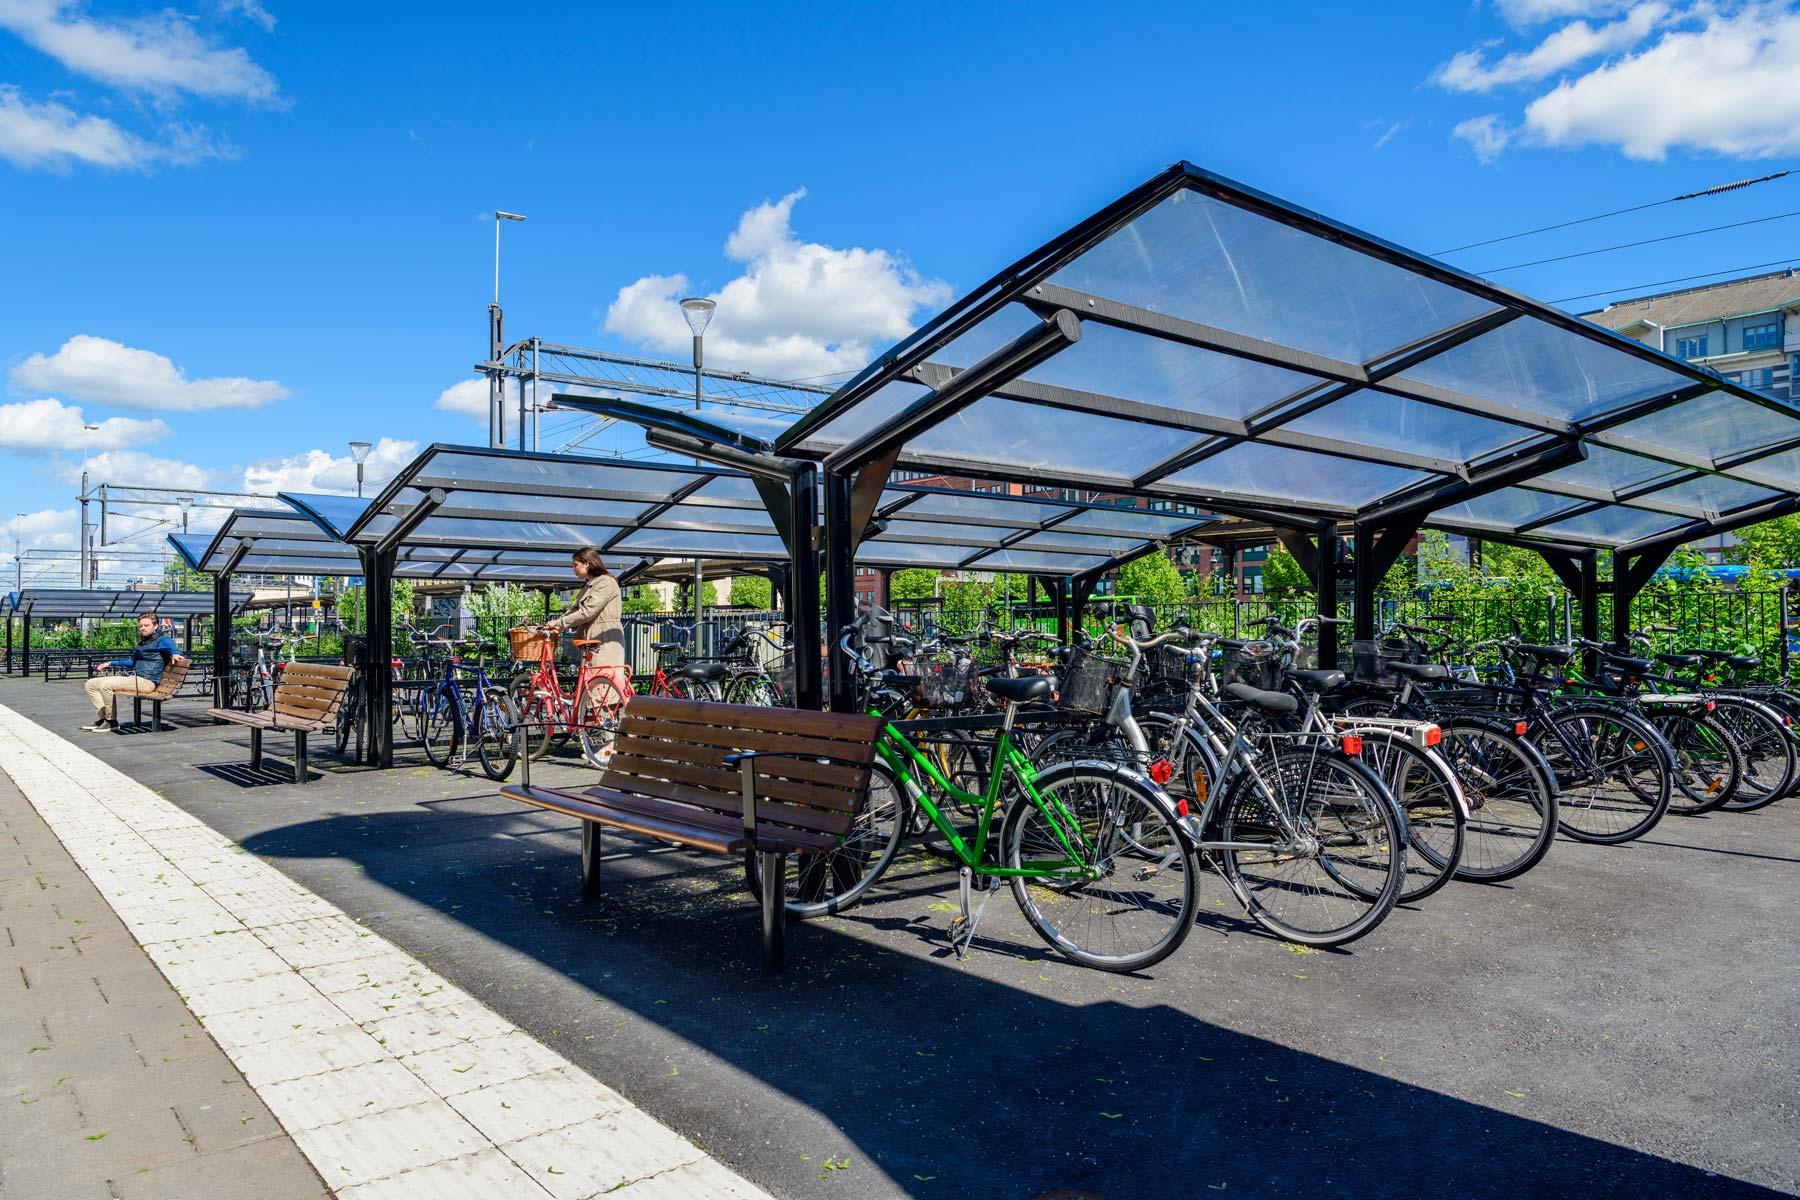 Pyöräkatos YPSILON Örebron rautatieasemalla.